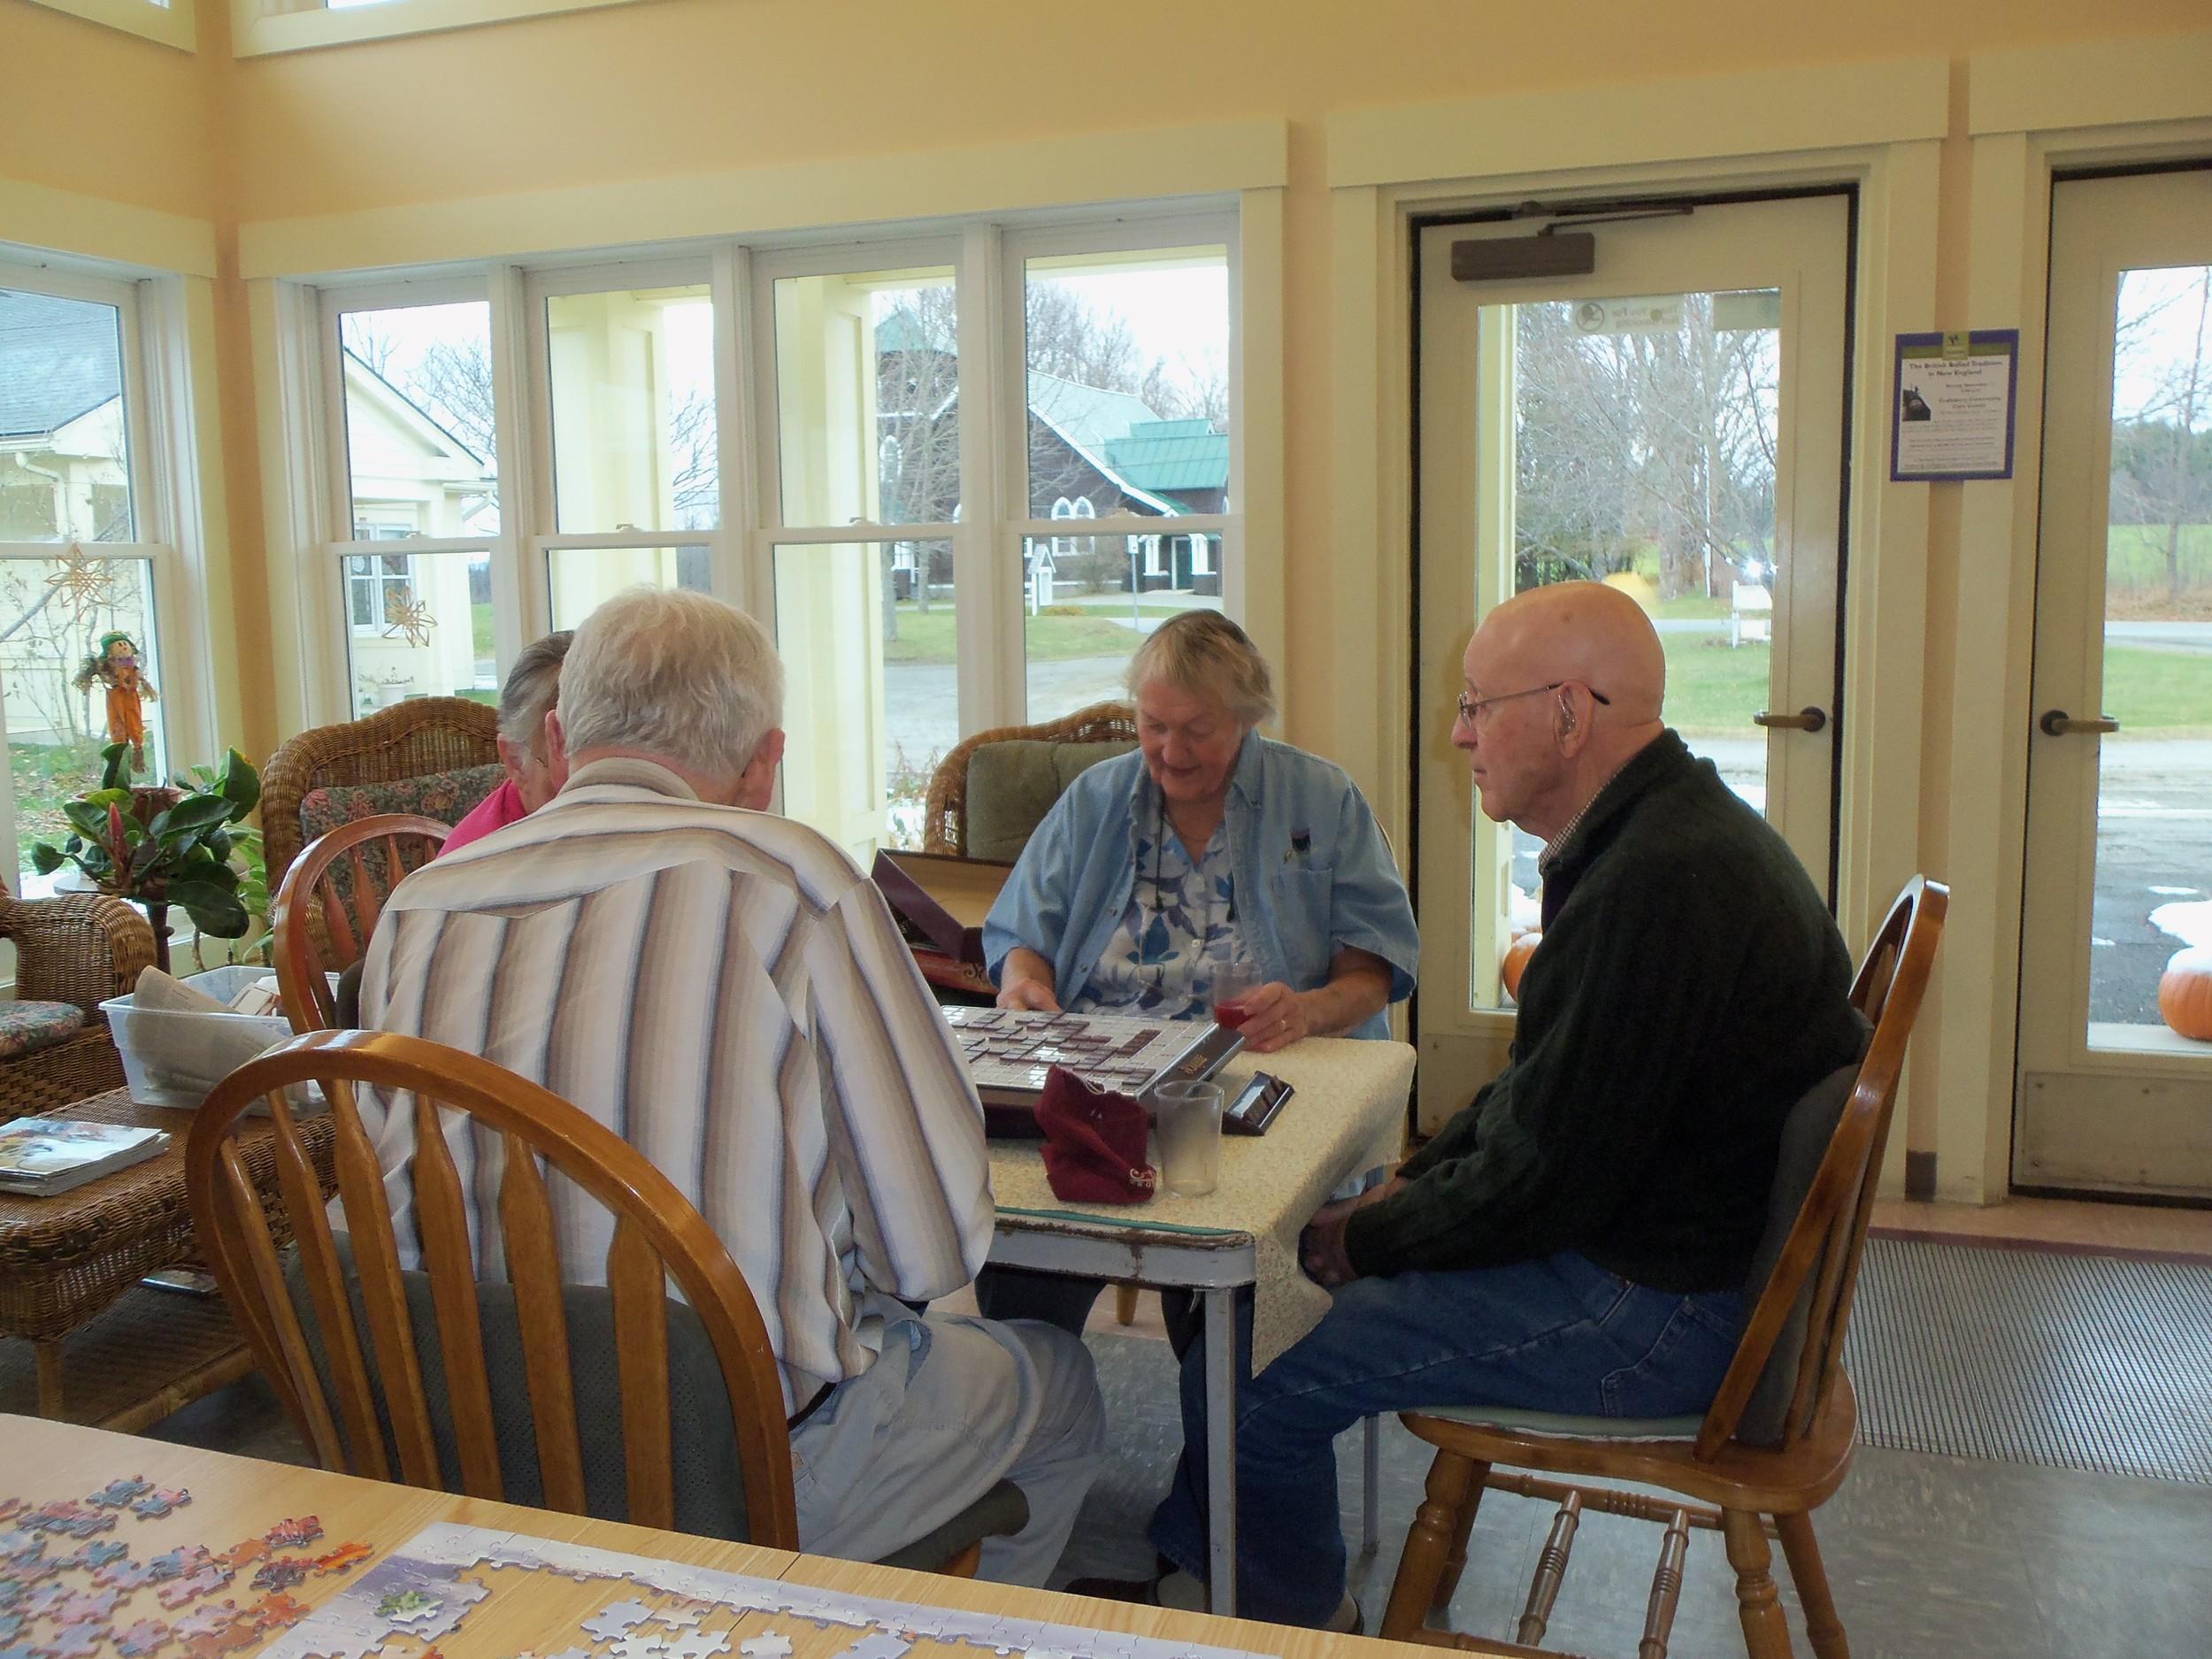 dec-2012-Allen & Pete, apple pie, preschoolers, knit wits, wren 001.JPG